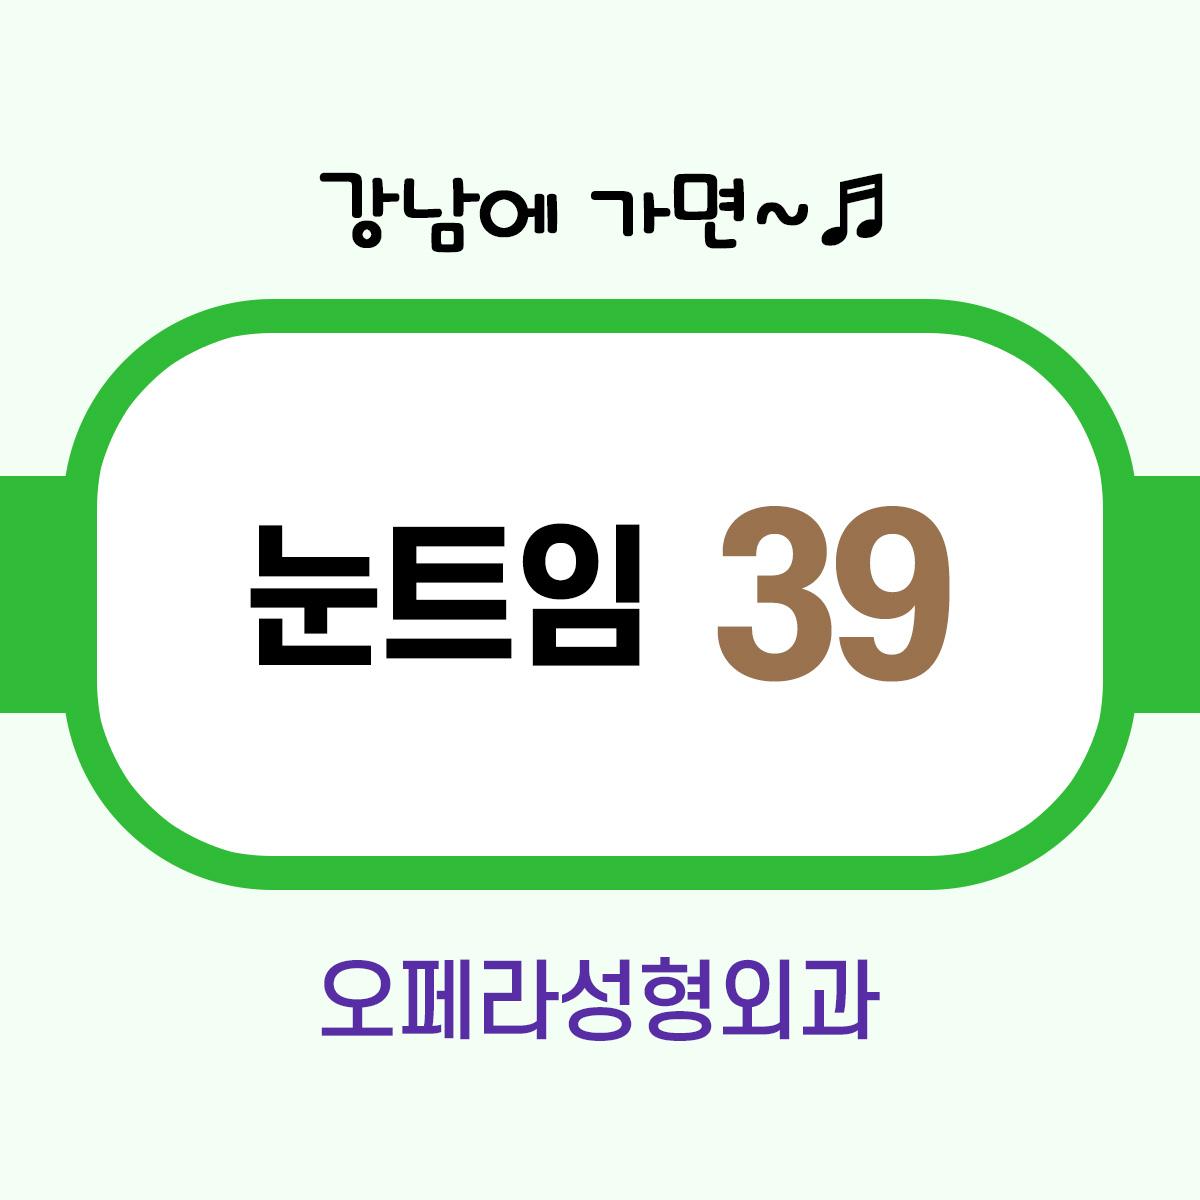 E75636636ccad73ae38e2cb7867bbe3f